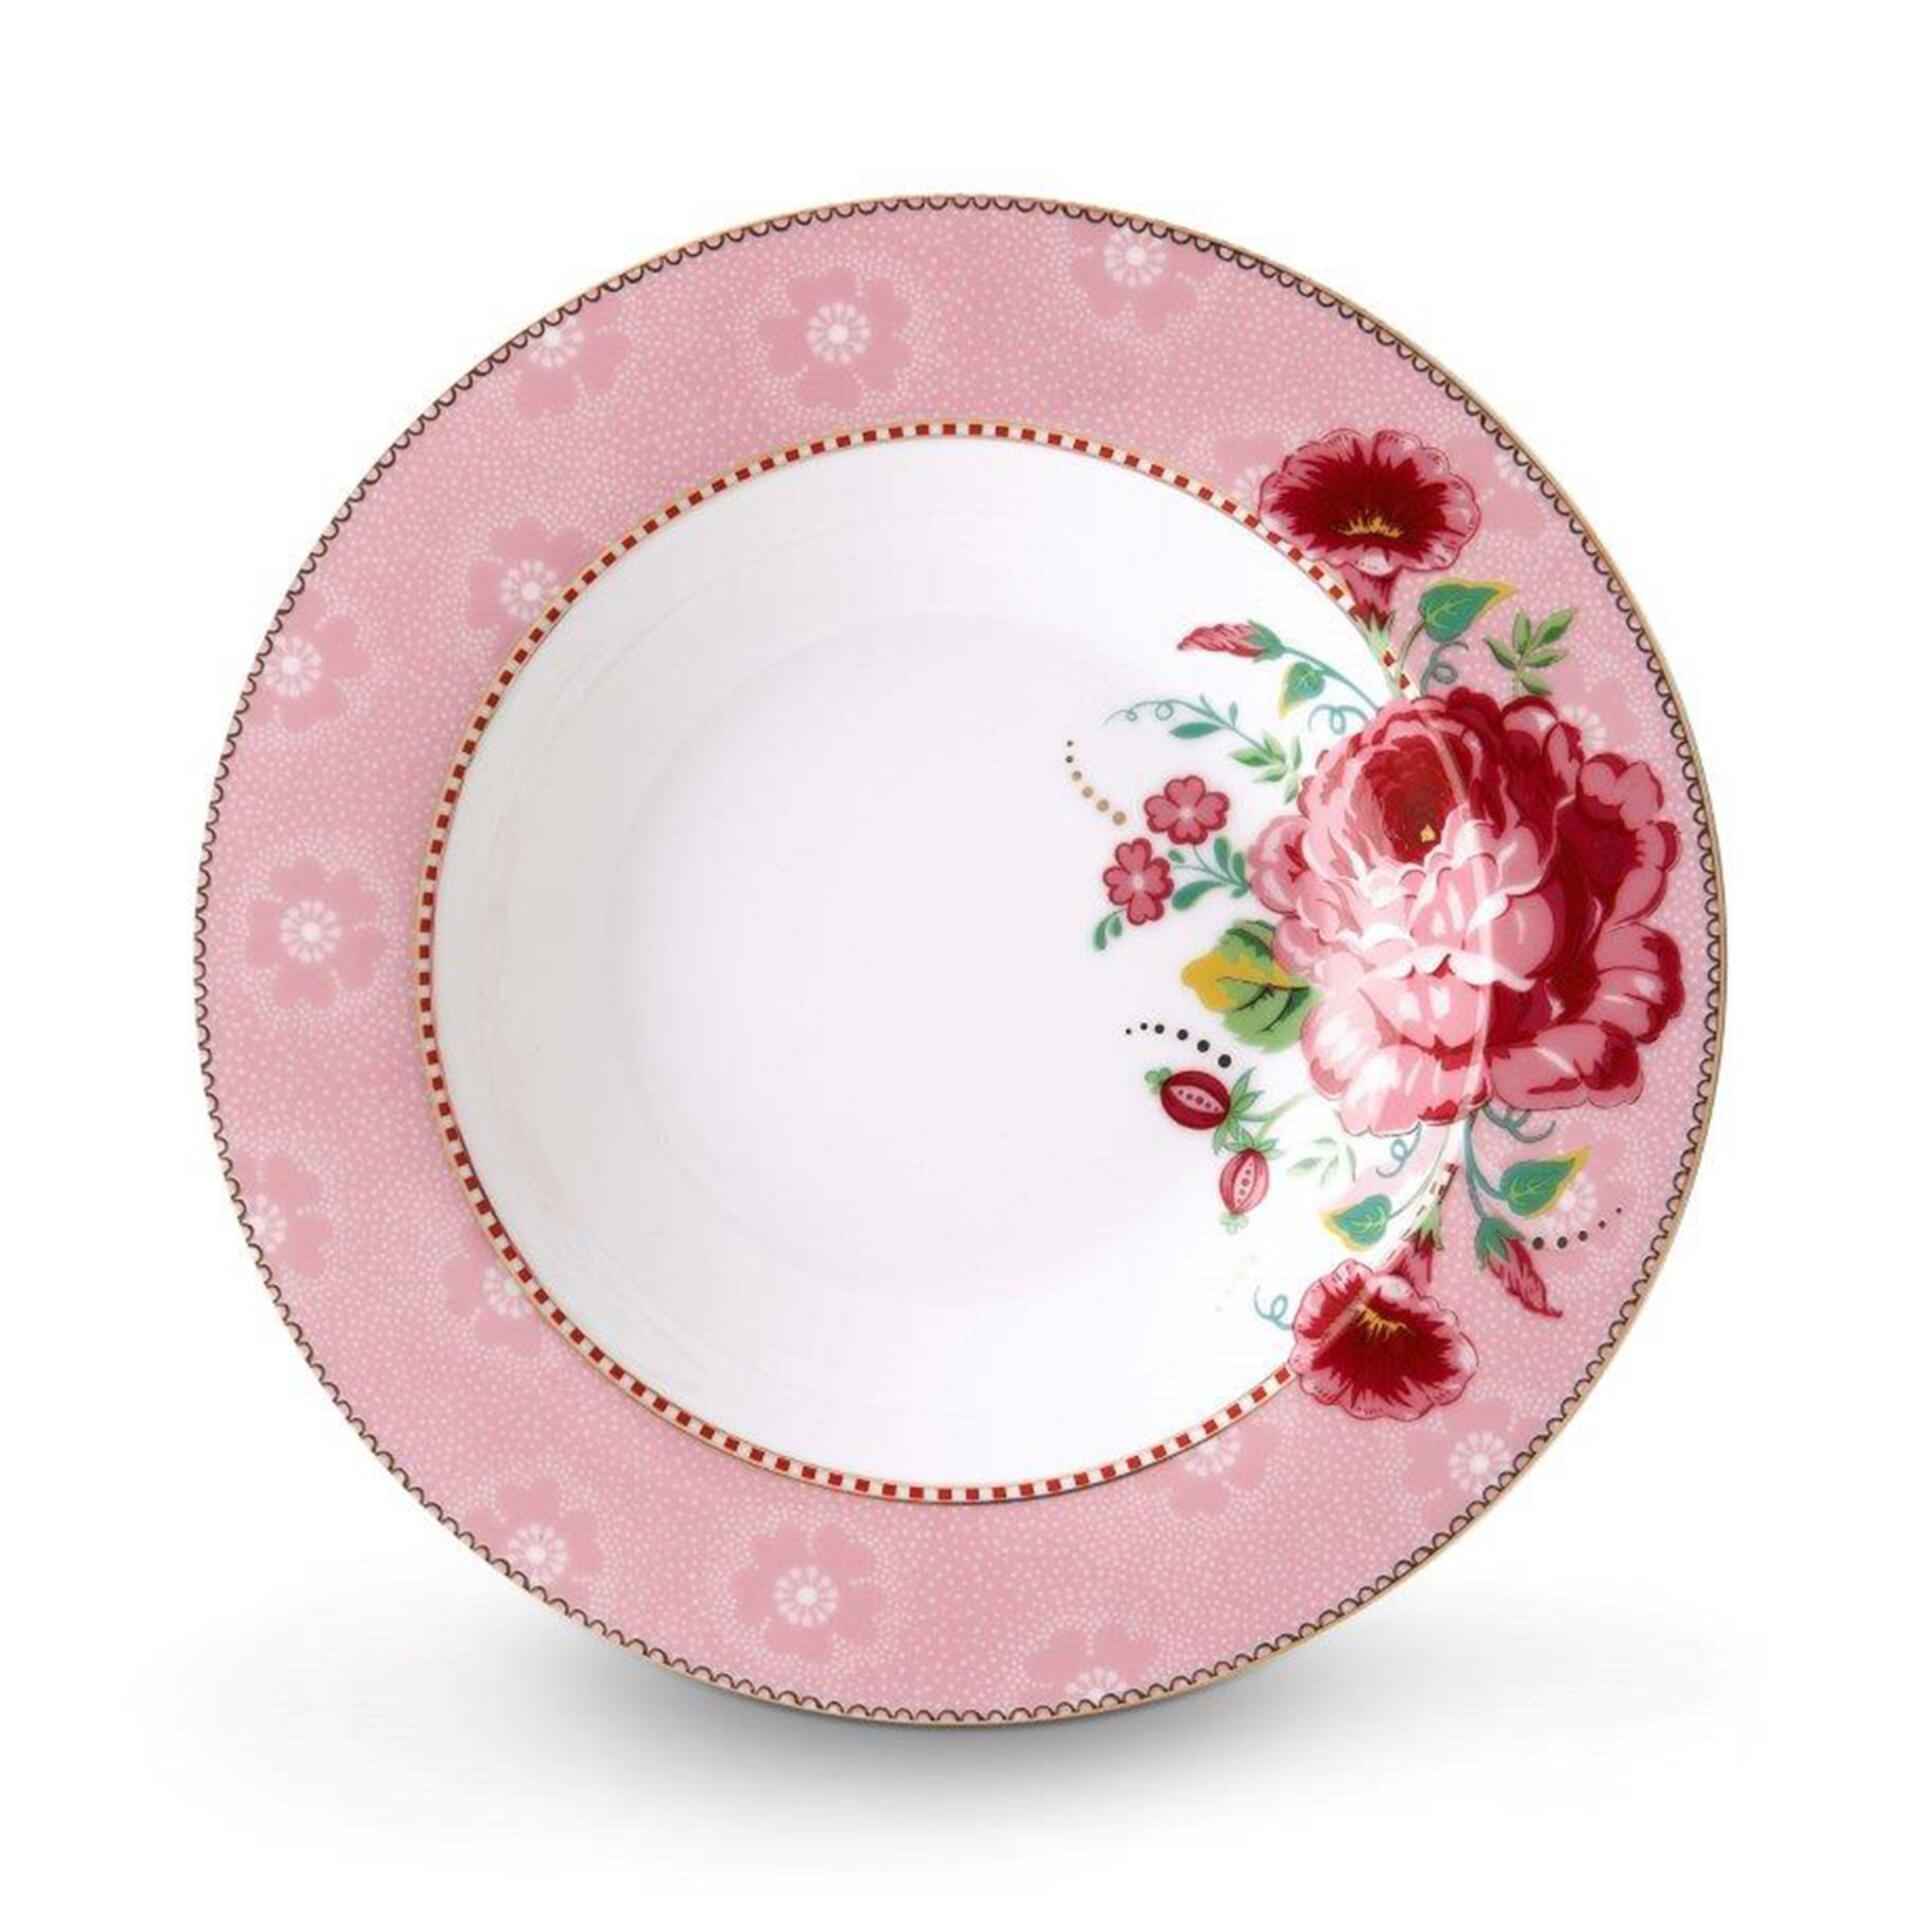 PiP Porzellan Pastateller Rose Pink